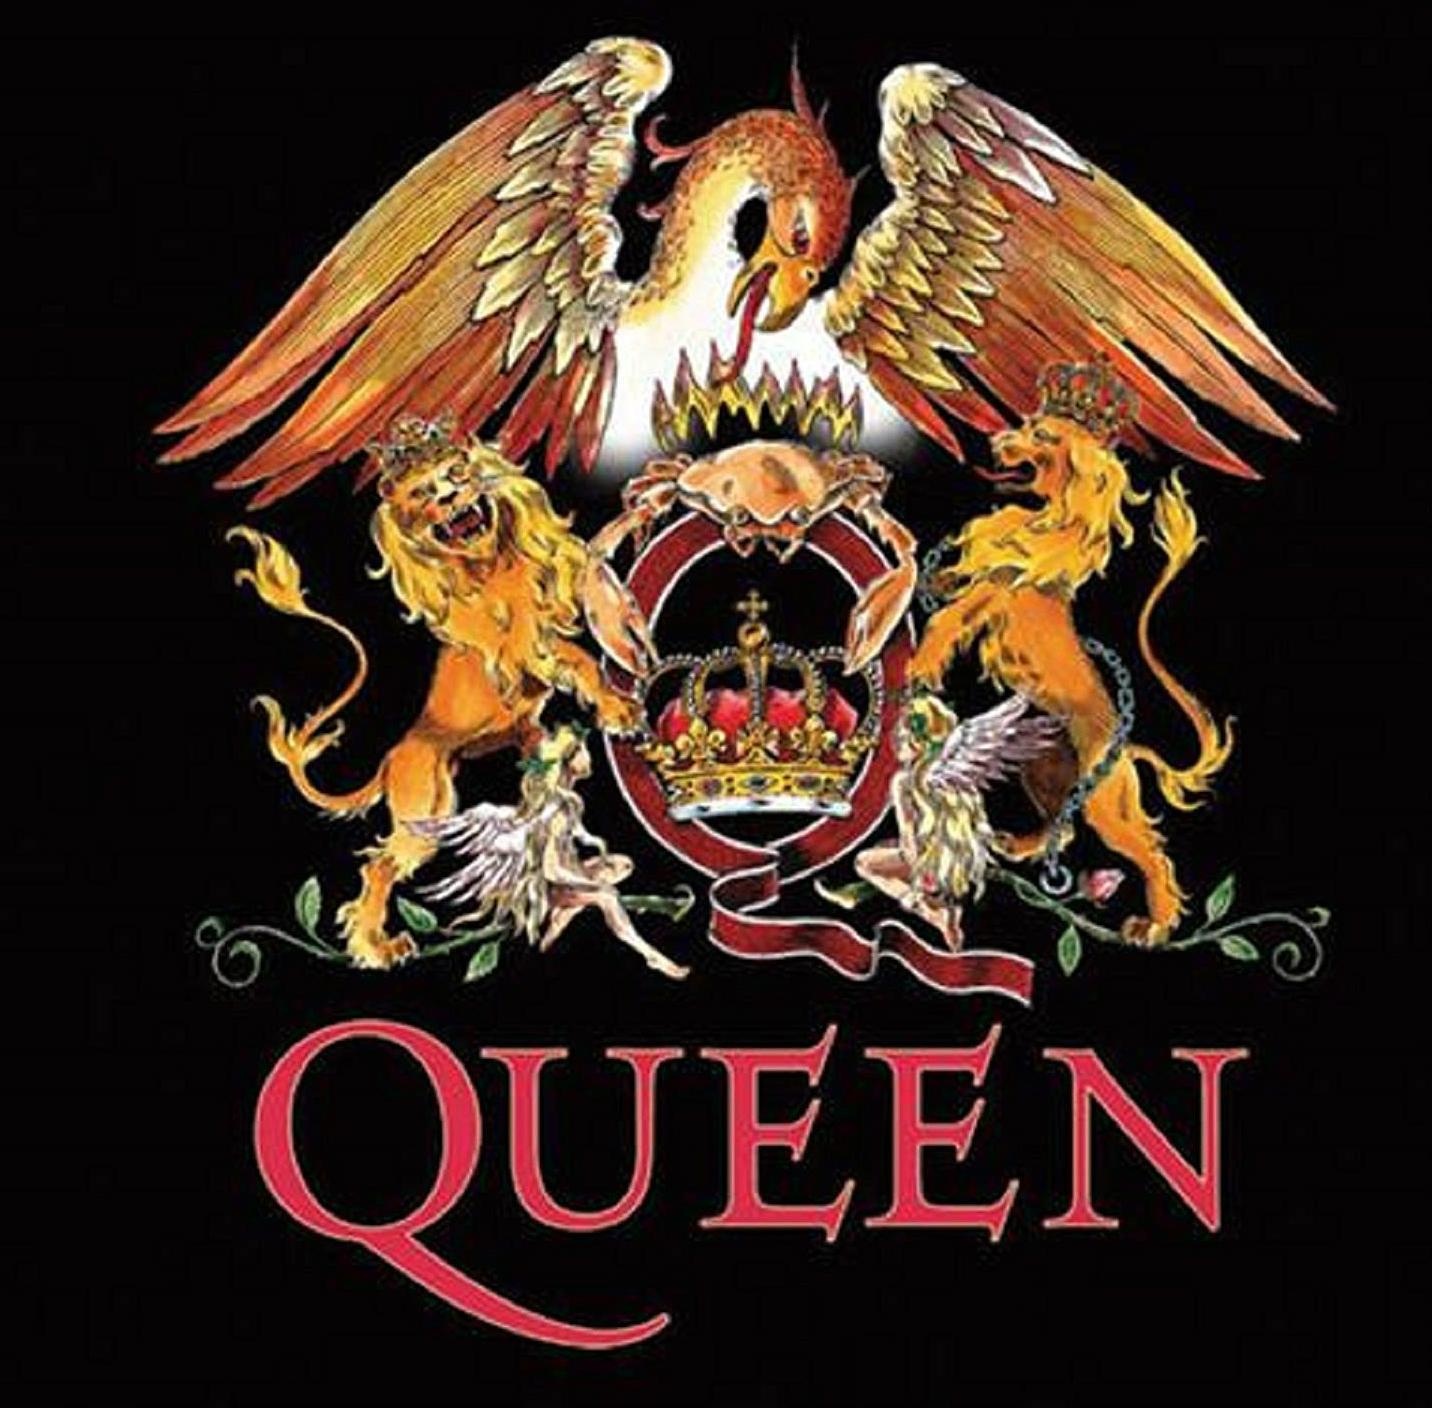 Queenlogoemblem-1540824591423-1540824594132.jpg